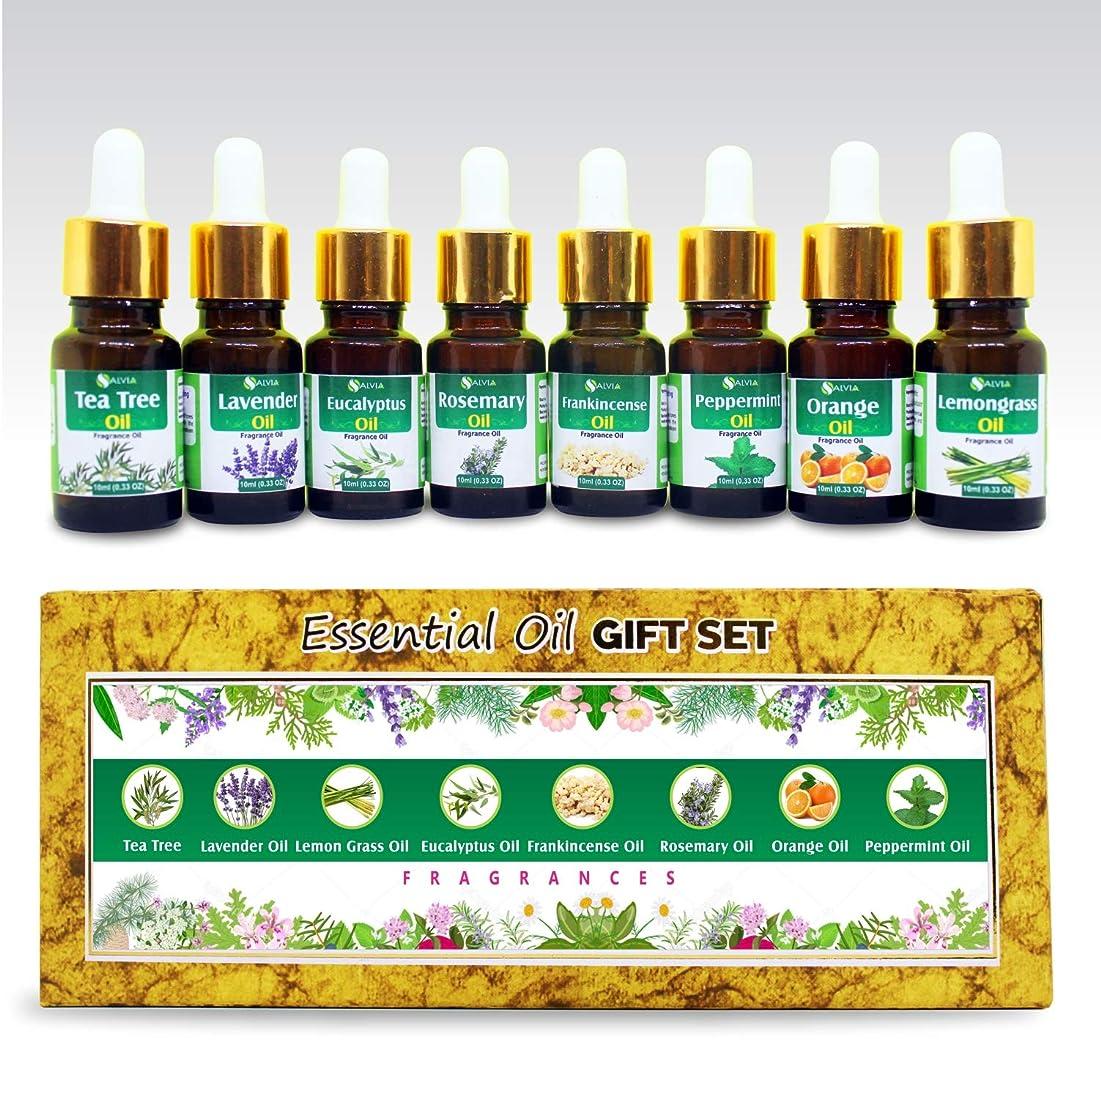 応じる餌圧縮Aromatherapy Fragrance Oils 100% Natural Therapeutic Essential Oils 10ml each (Tea Tree, Lavender, Eucalyptus, Frankincense, Lemongrass, Rosemary, Orange, Peppermint) Gift set